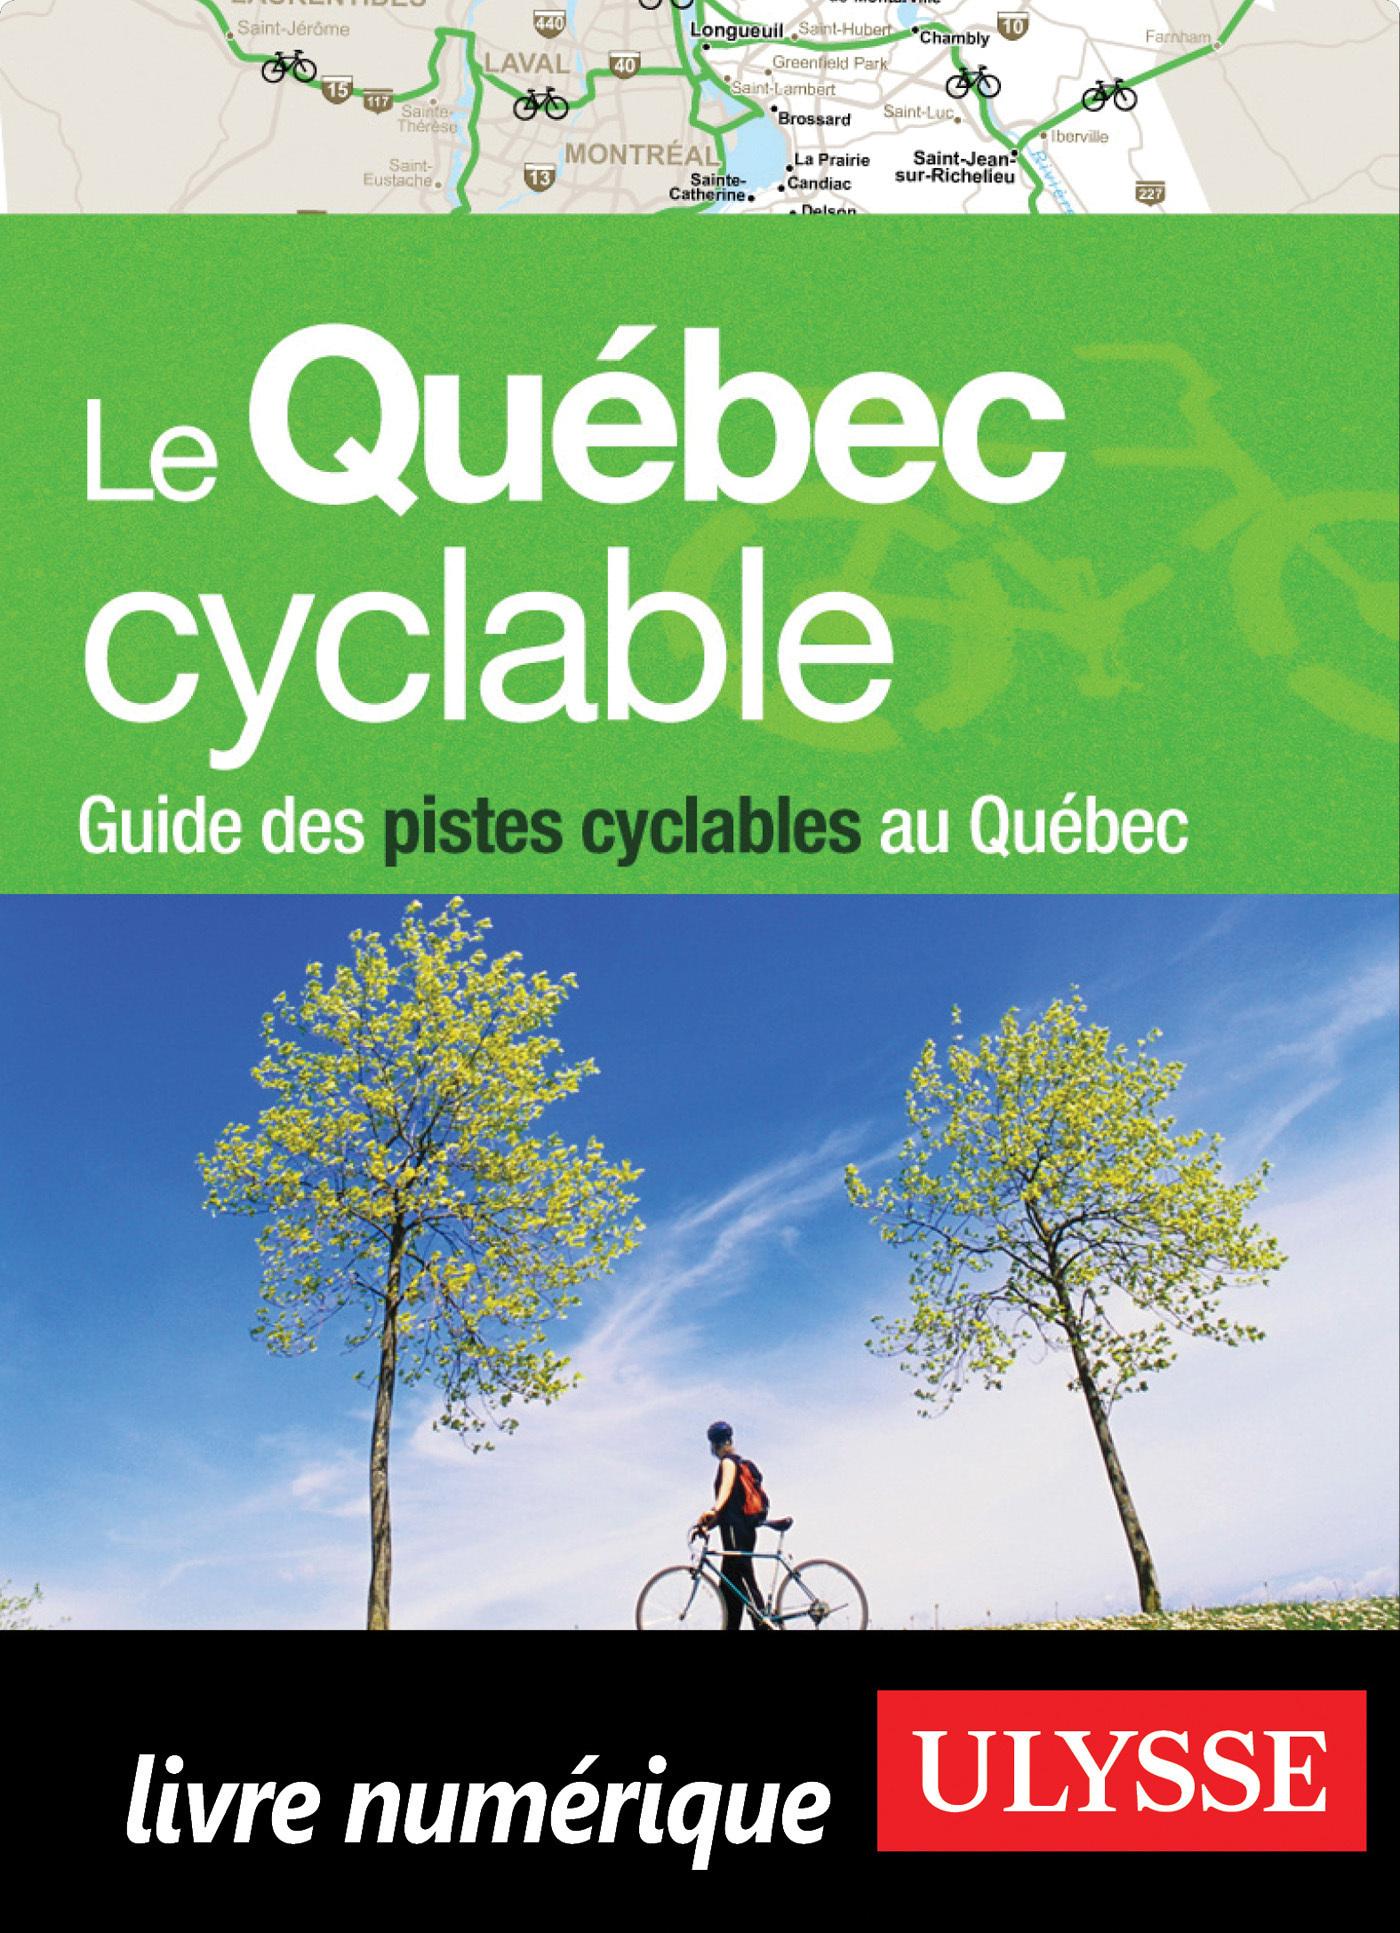 Le Québec cyclable - Guide des pistes cyclables